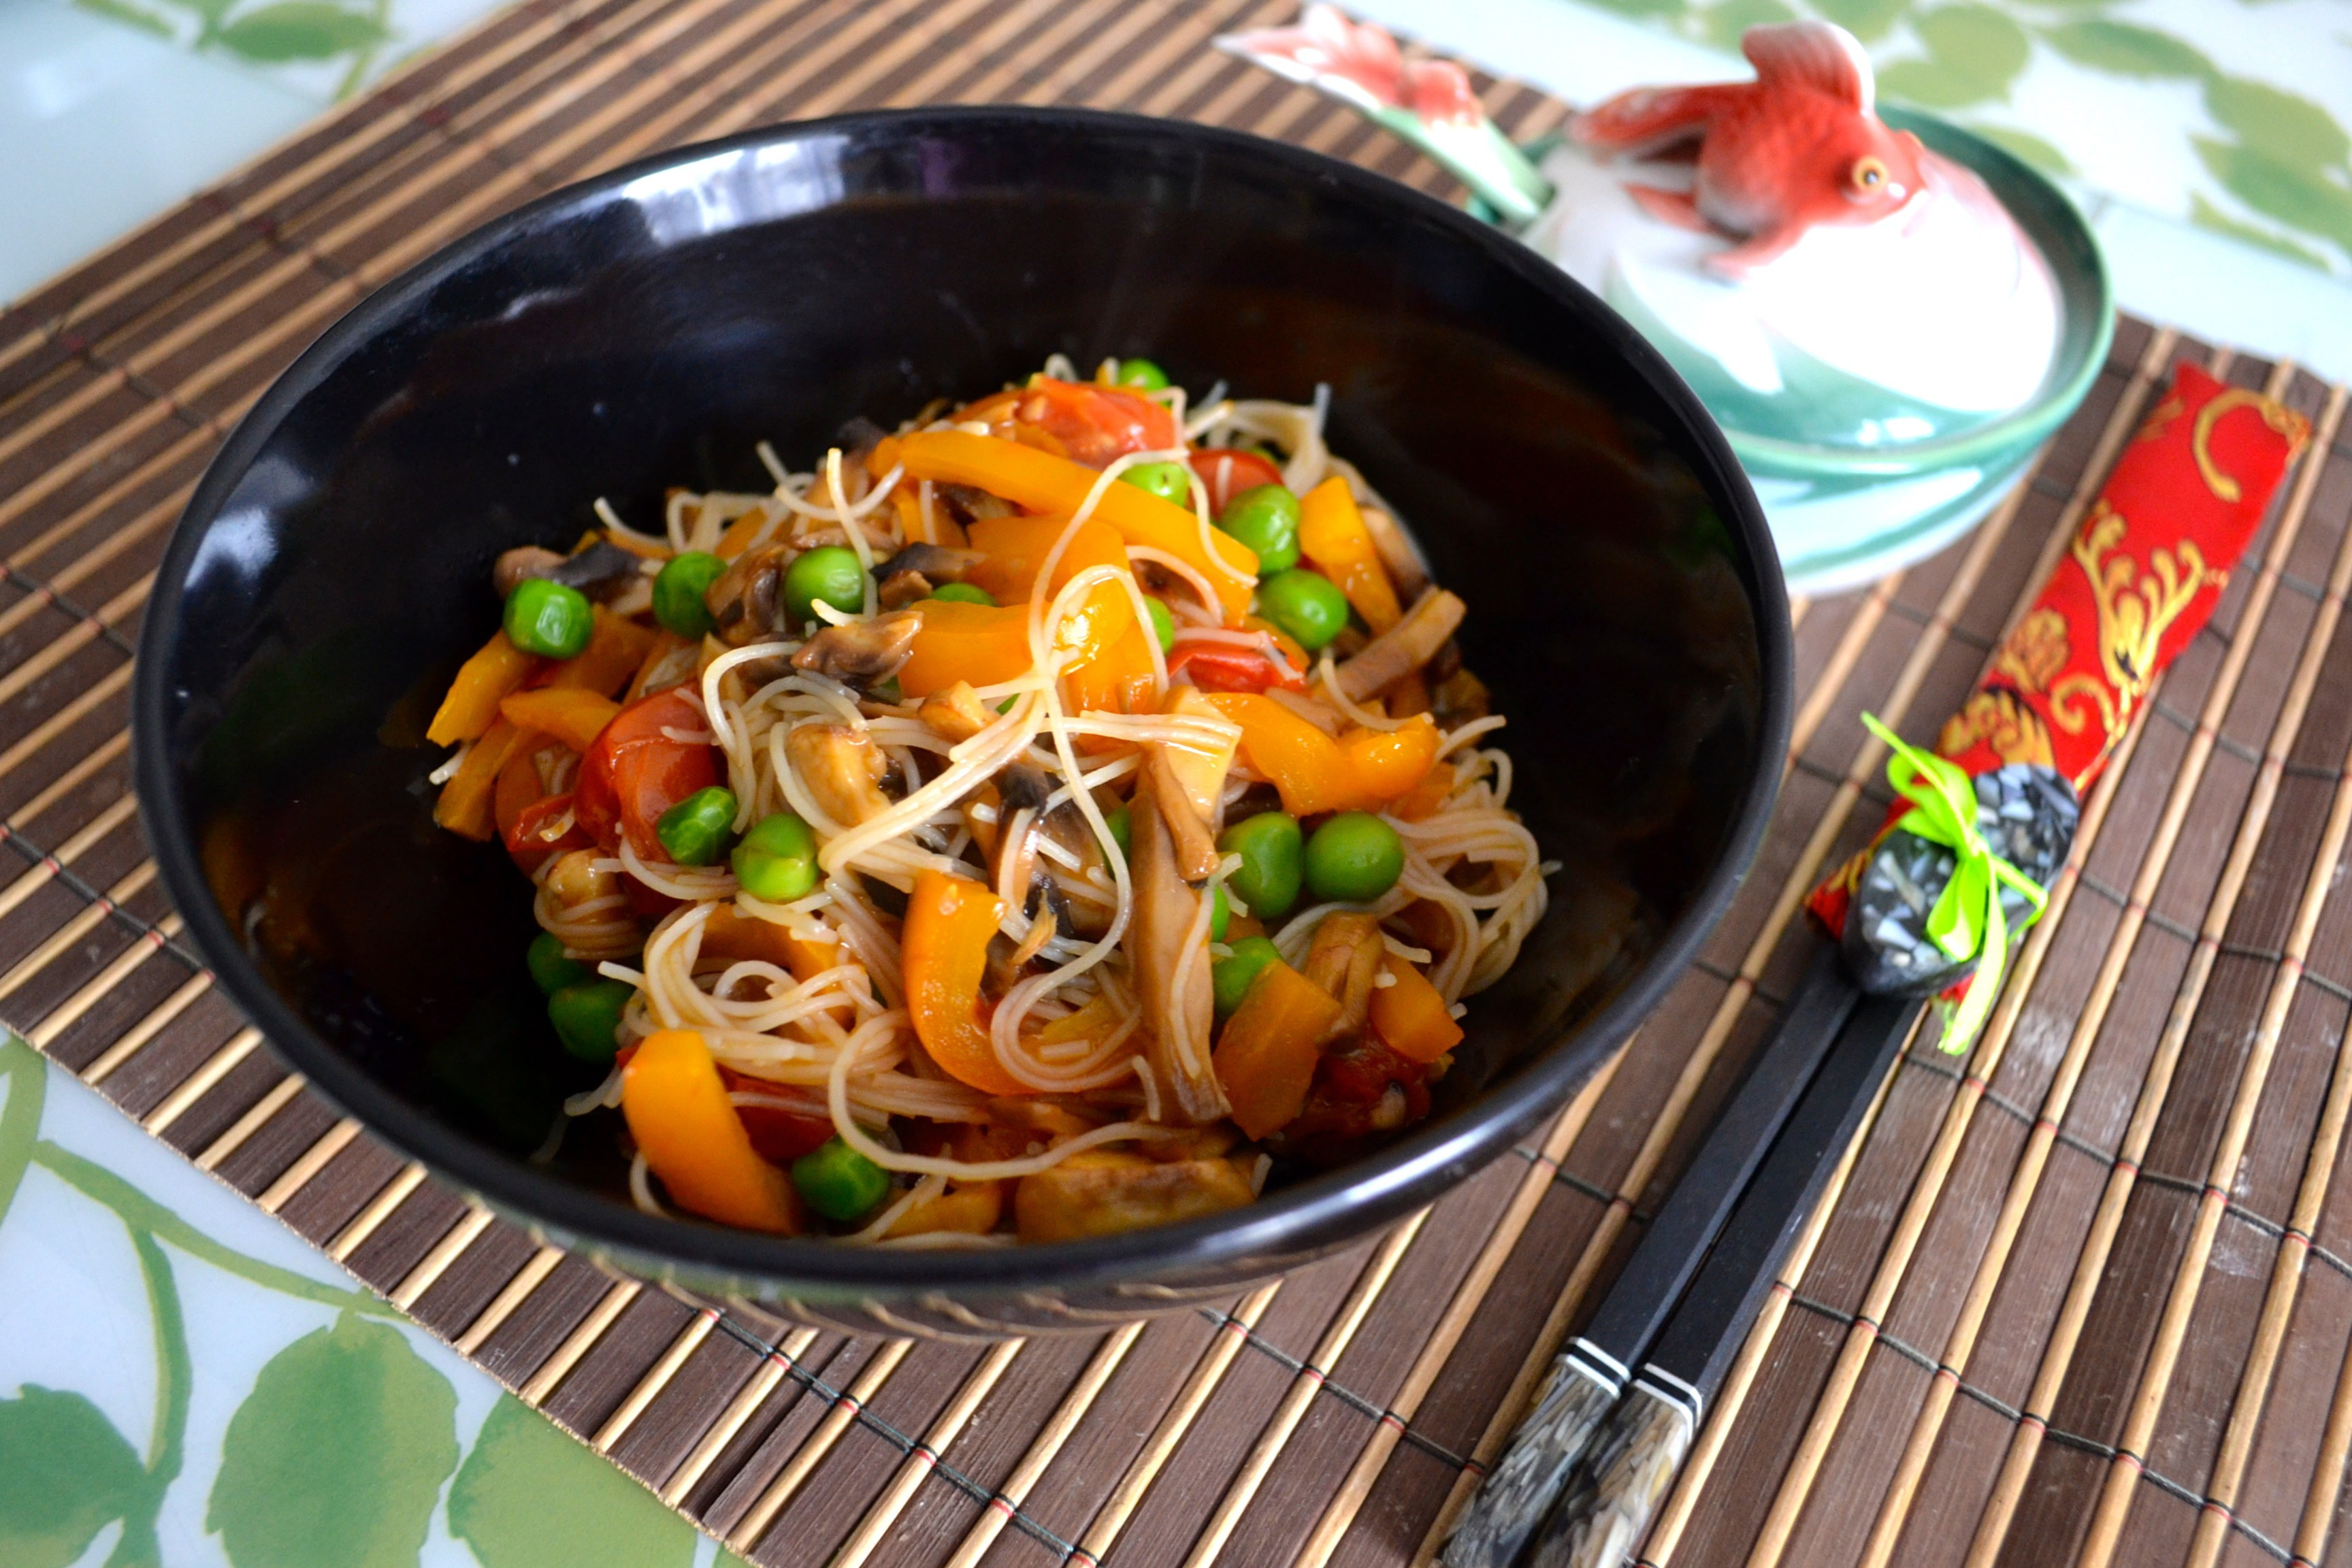 рецепт лапши по китайски сливочный соус